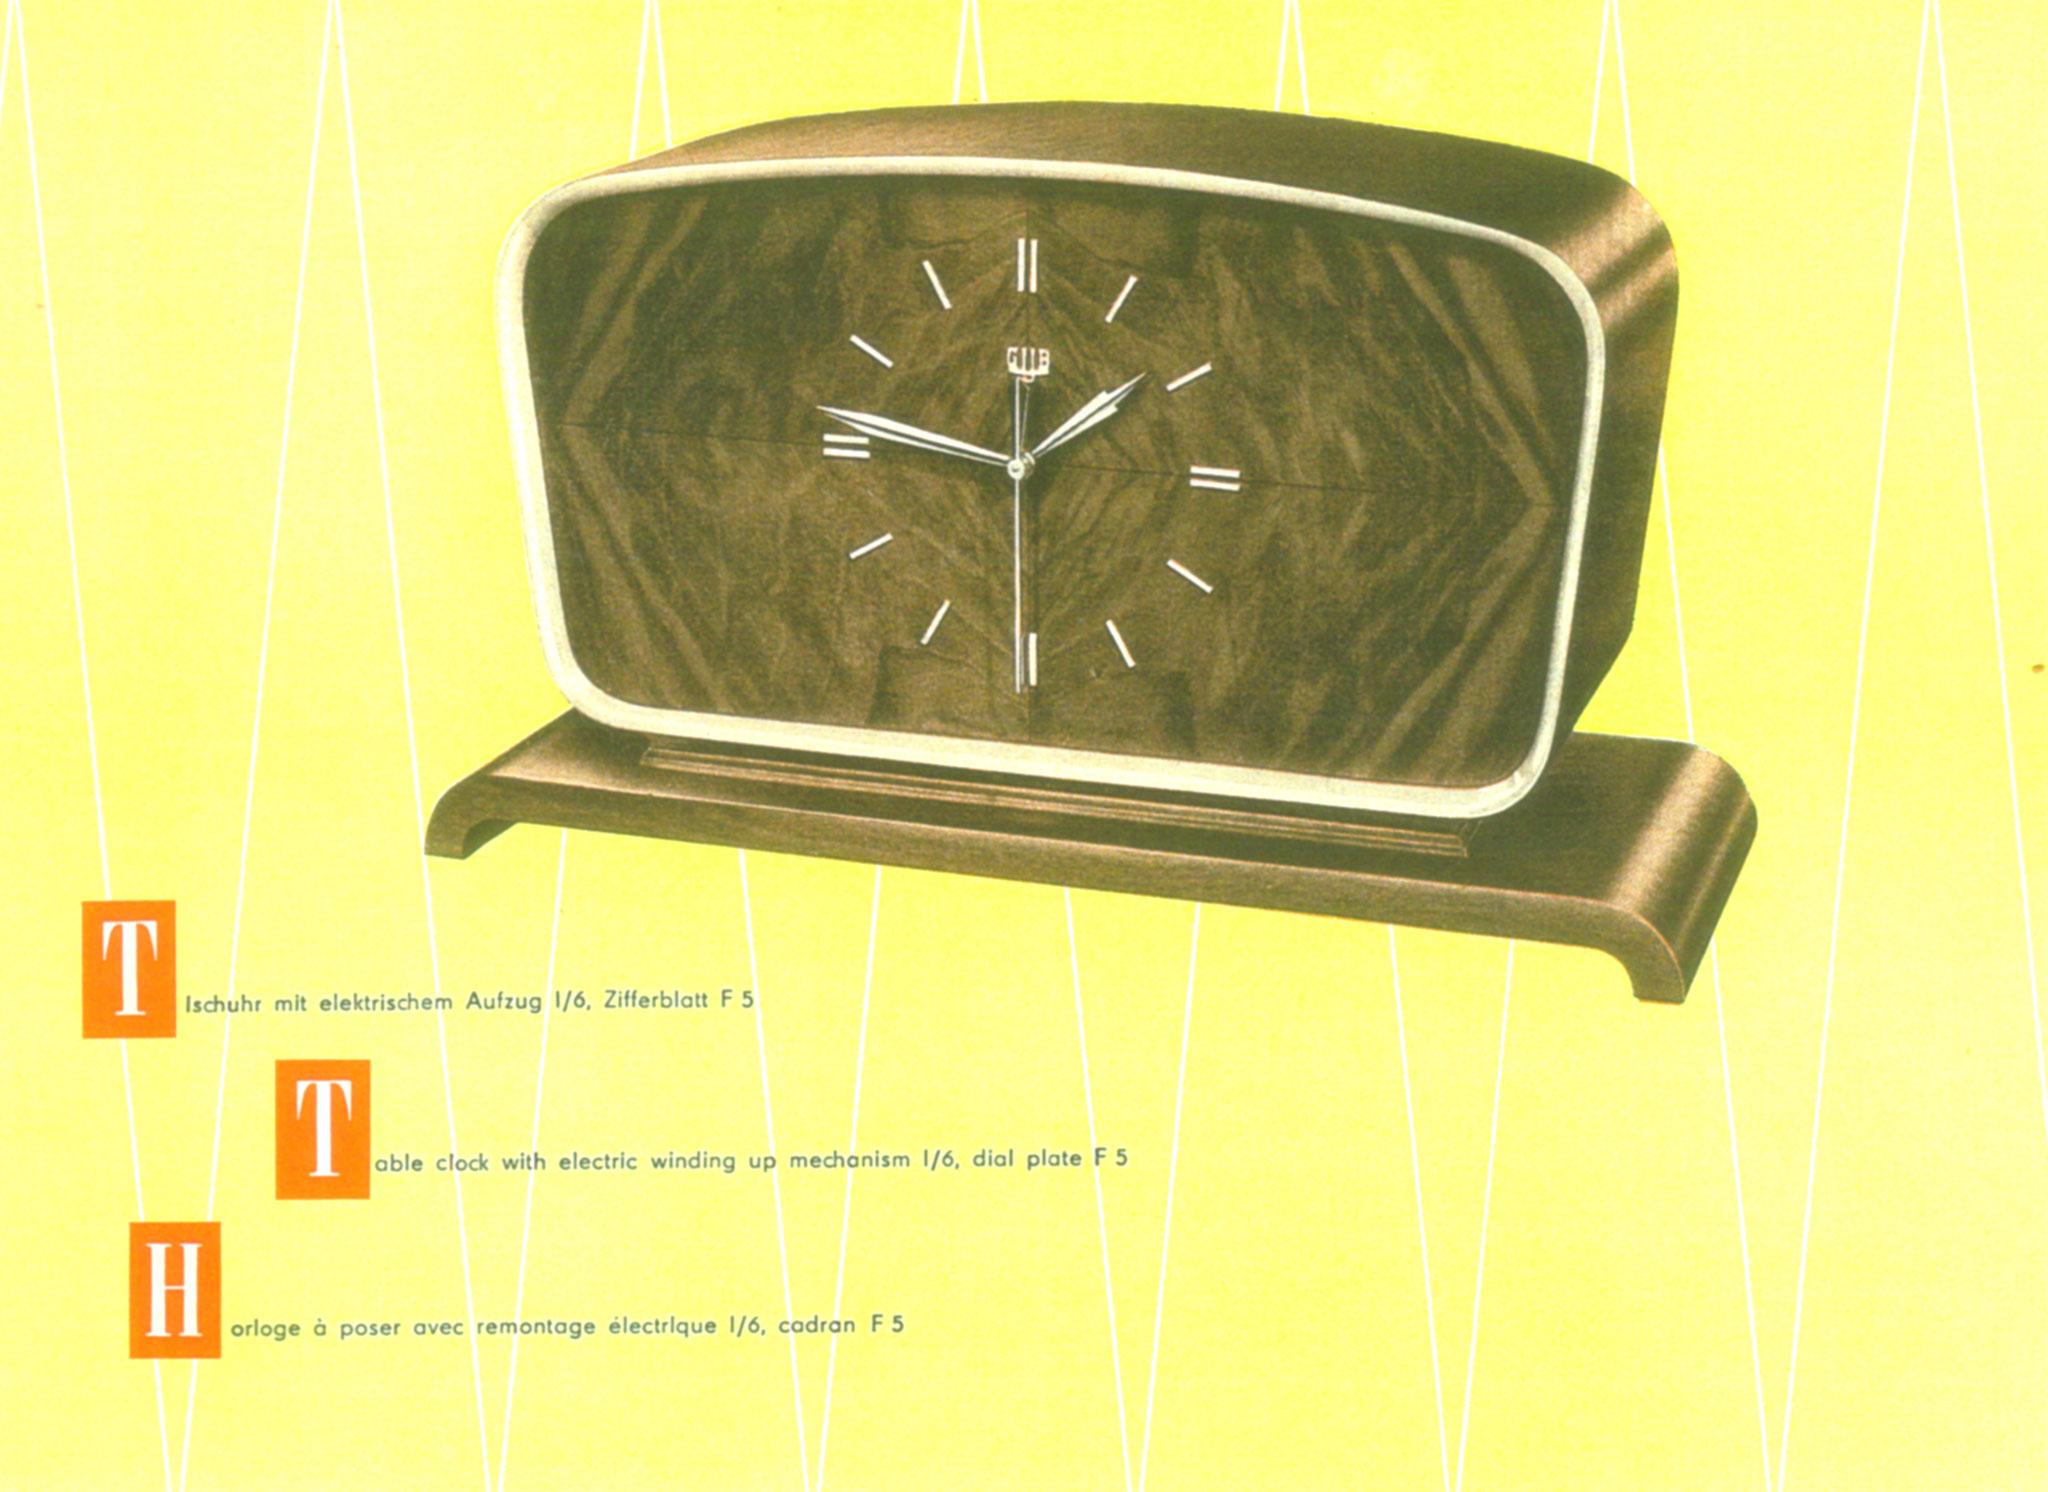 GUB Werbekatalog von 1956